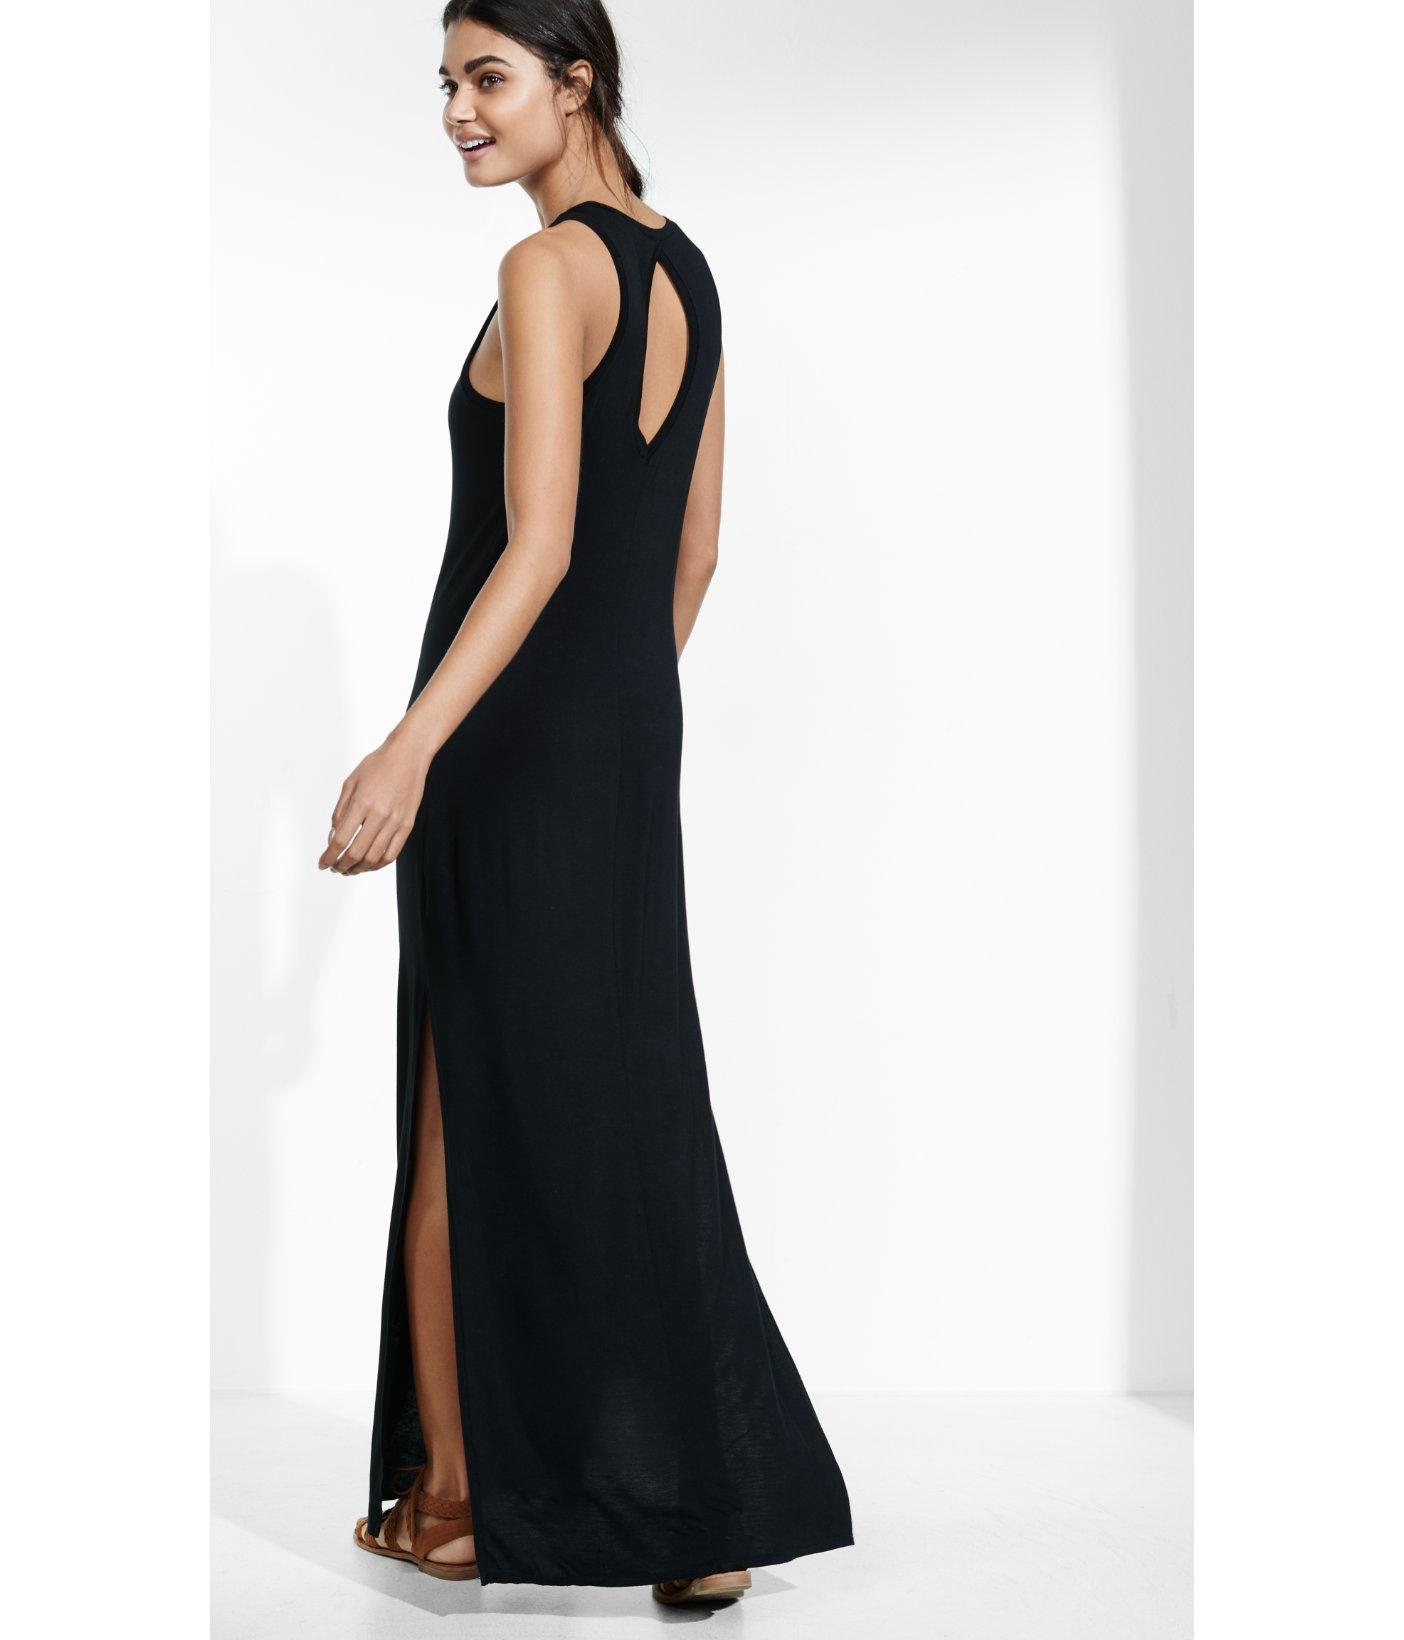 309344d3df7 Lyst - Express Keyhole Maxi Dress in Black